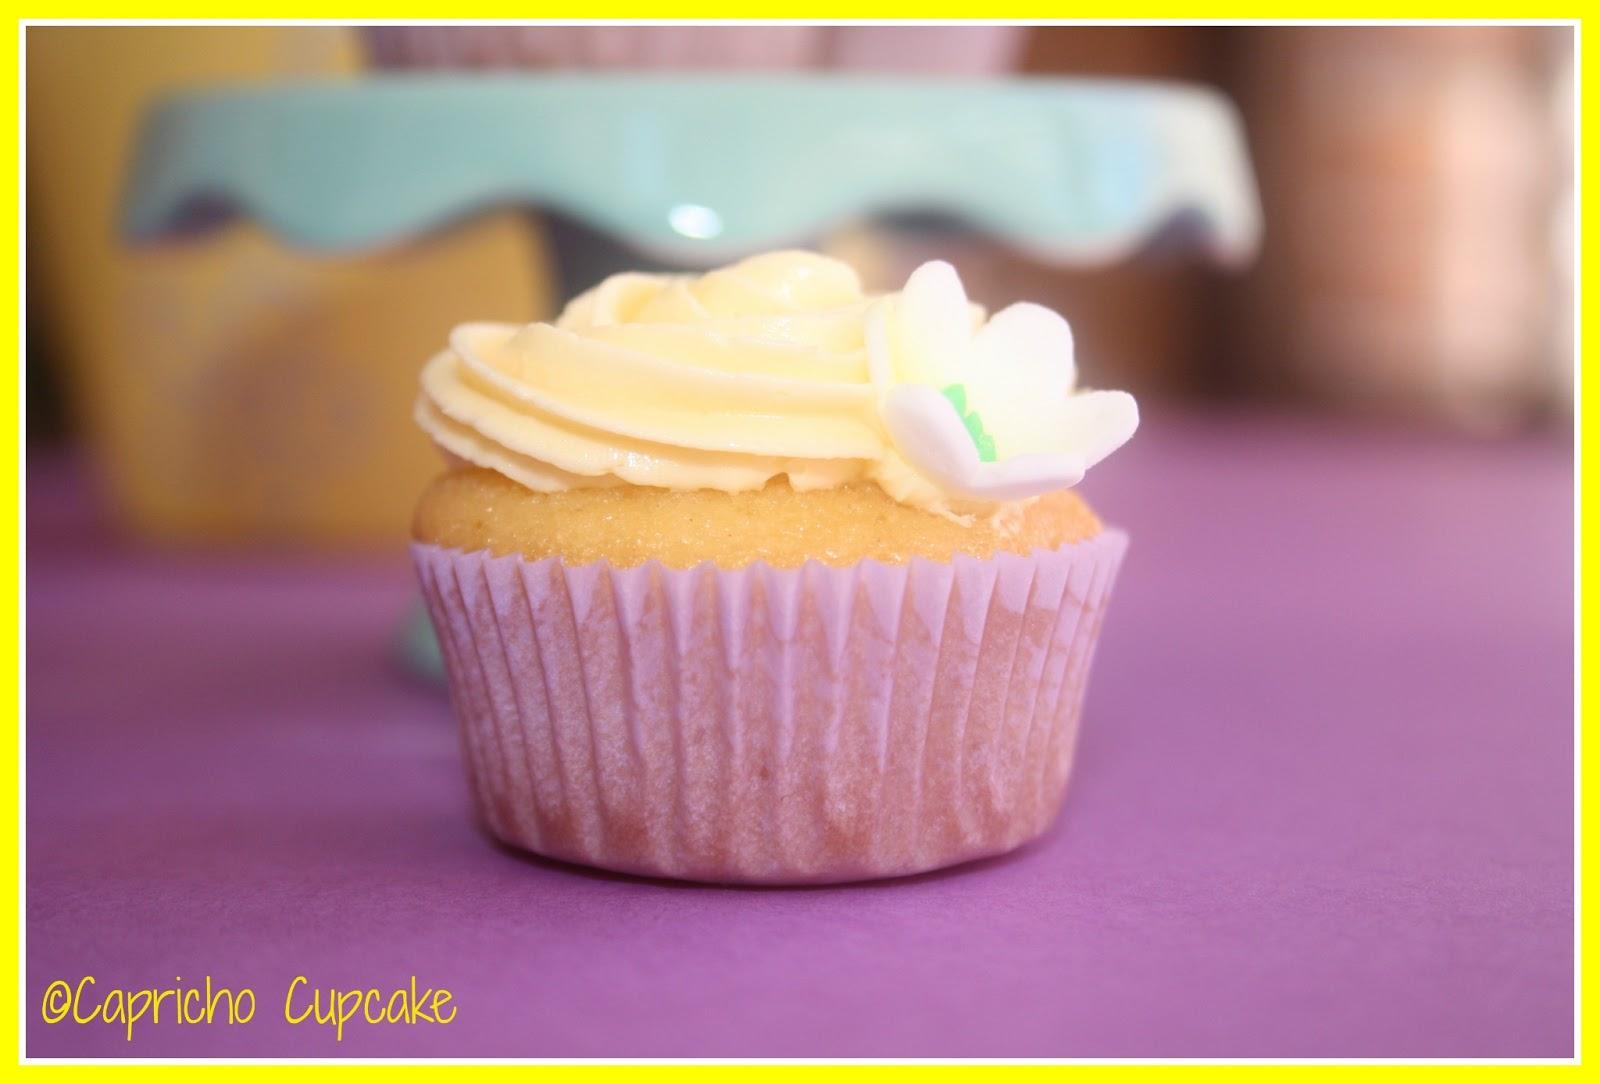 cupcake limoncello capricho cupcakes alicante